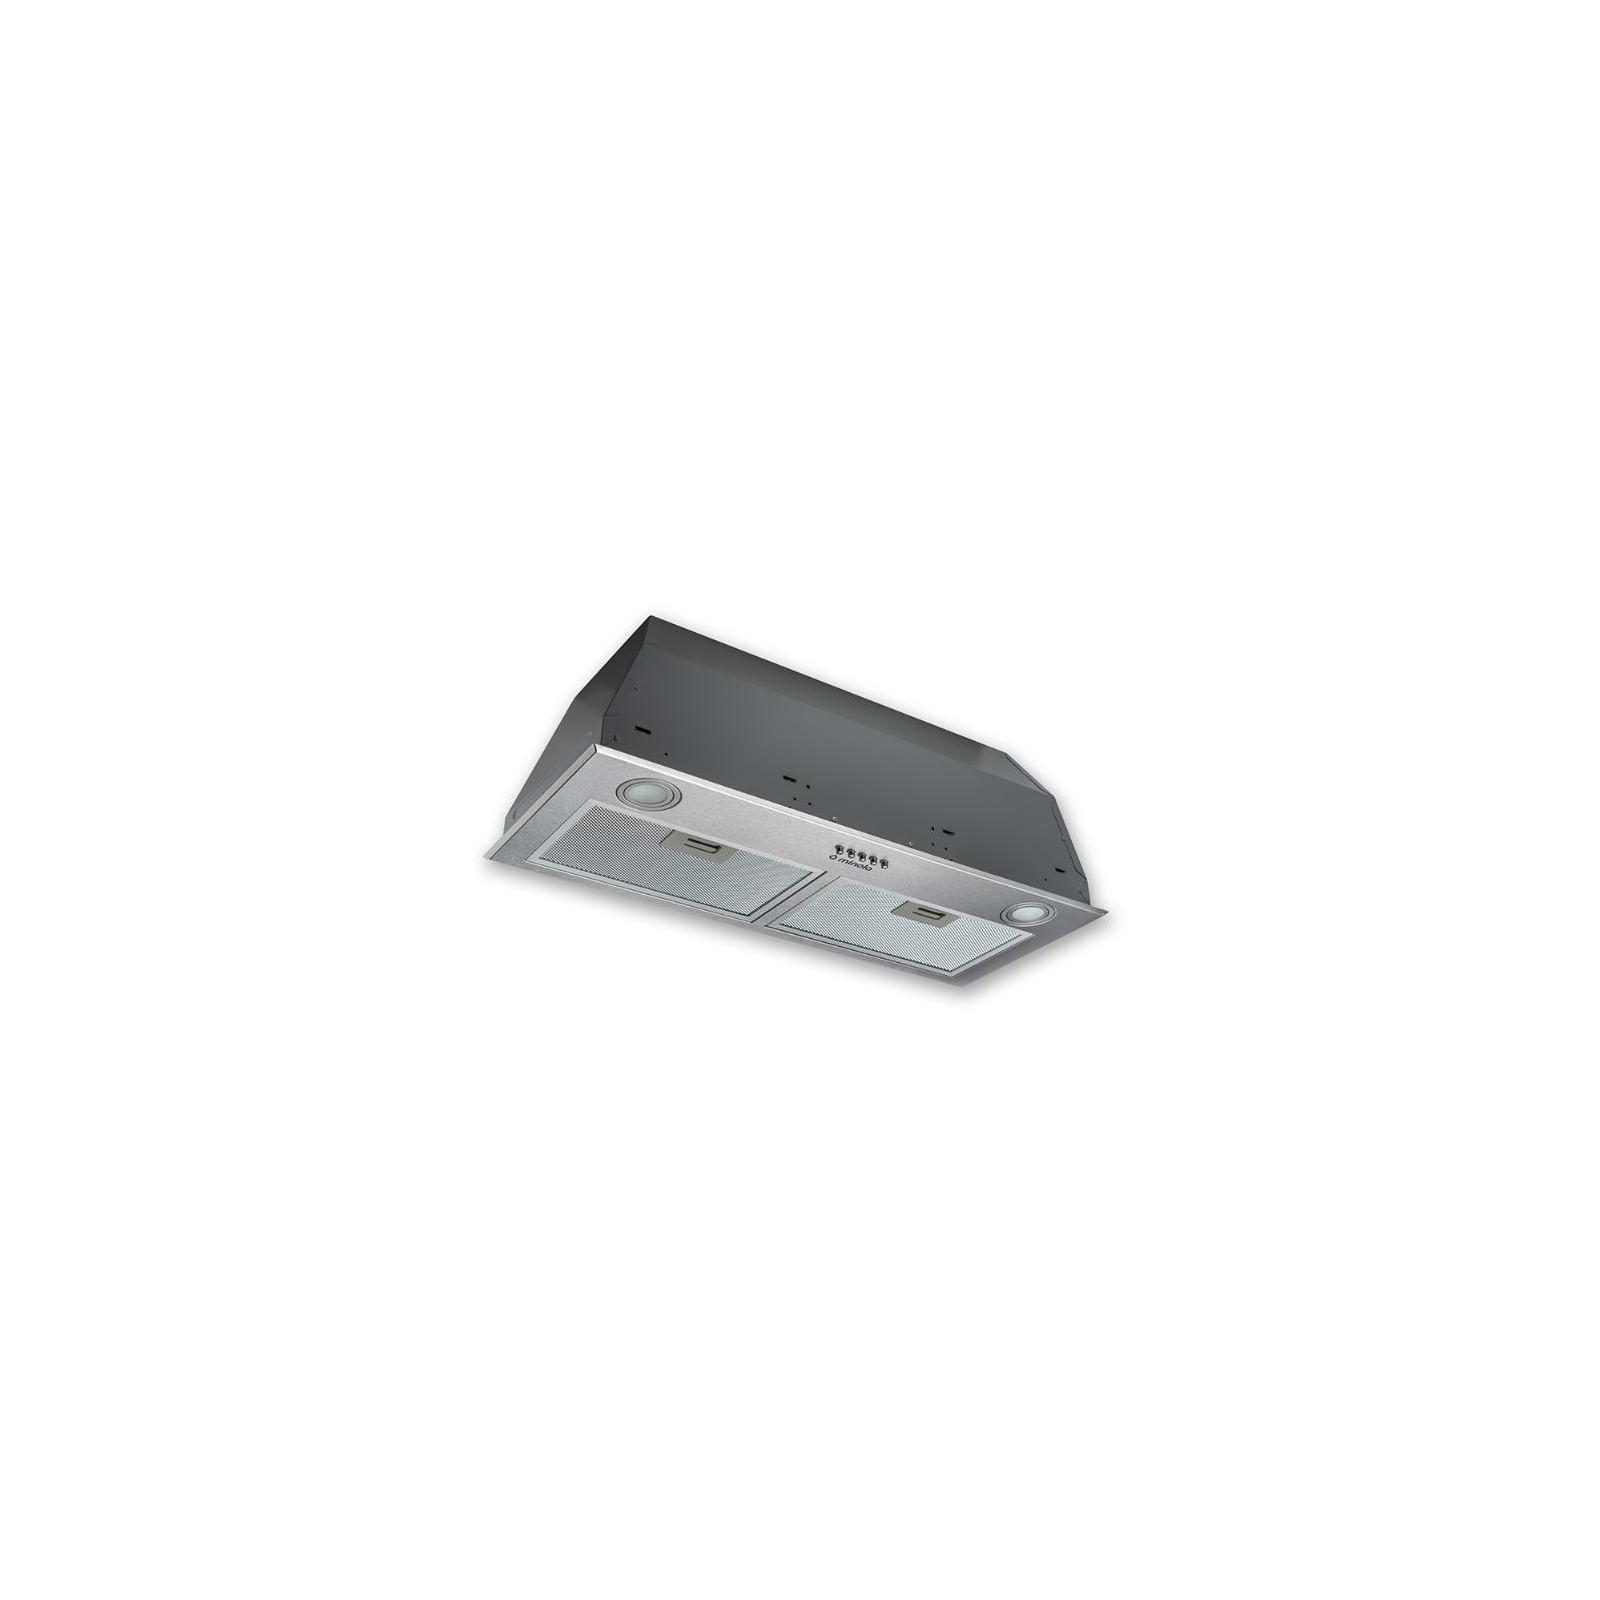 Вытяжка кухонная MINOLA HBI 7812 I 1200 LED